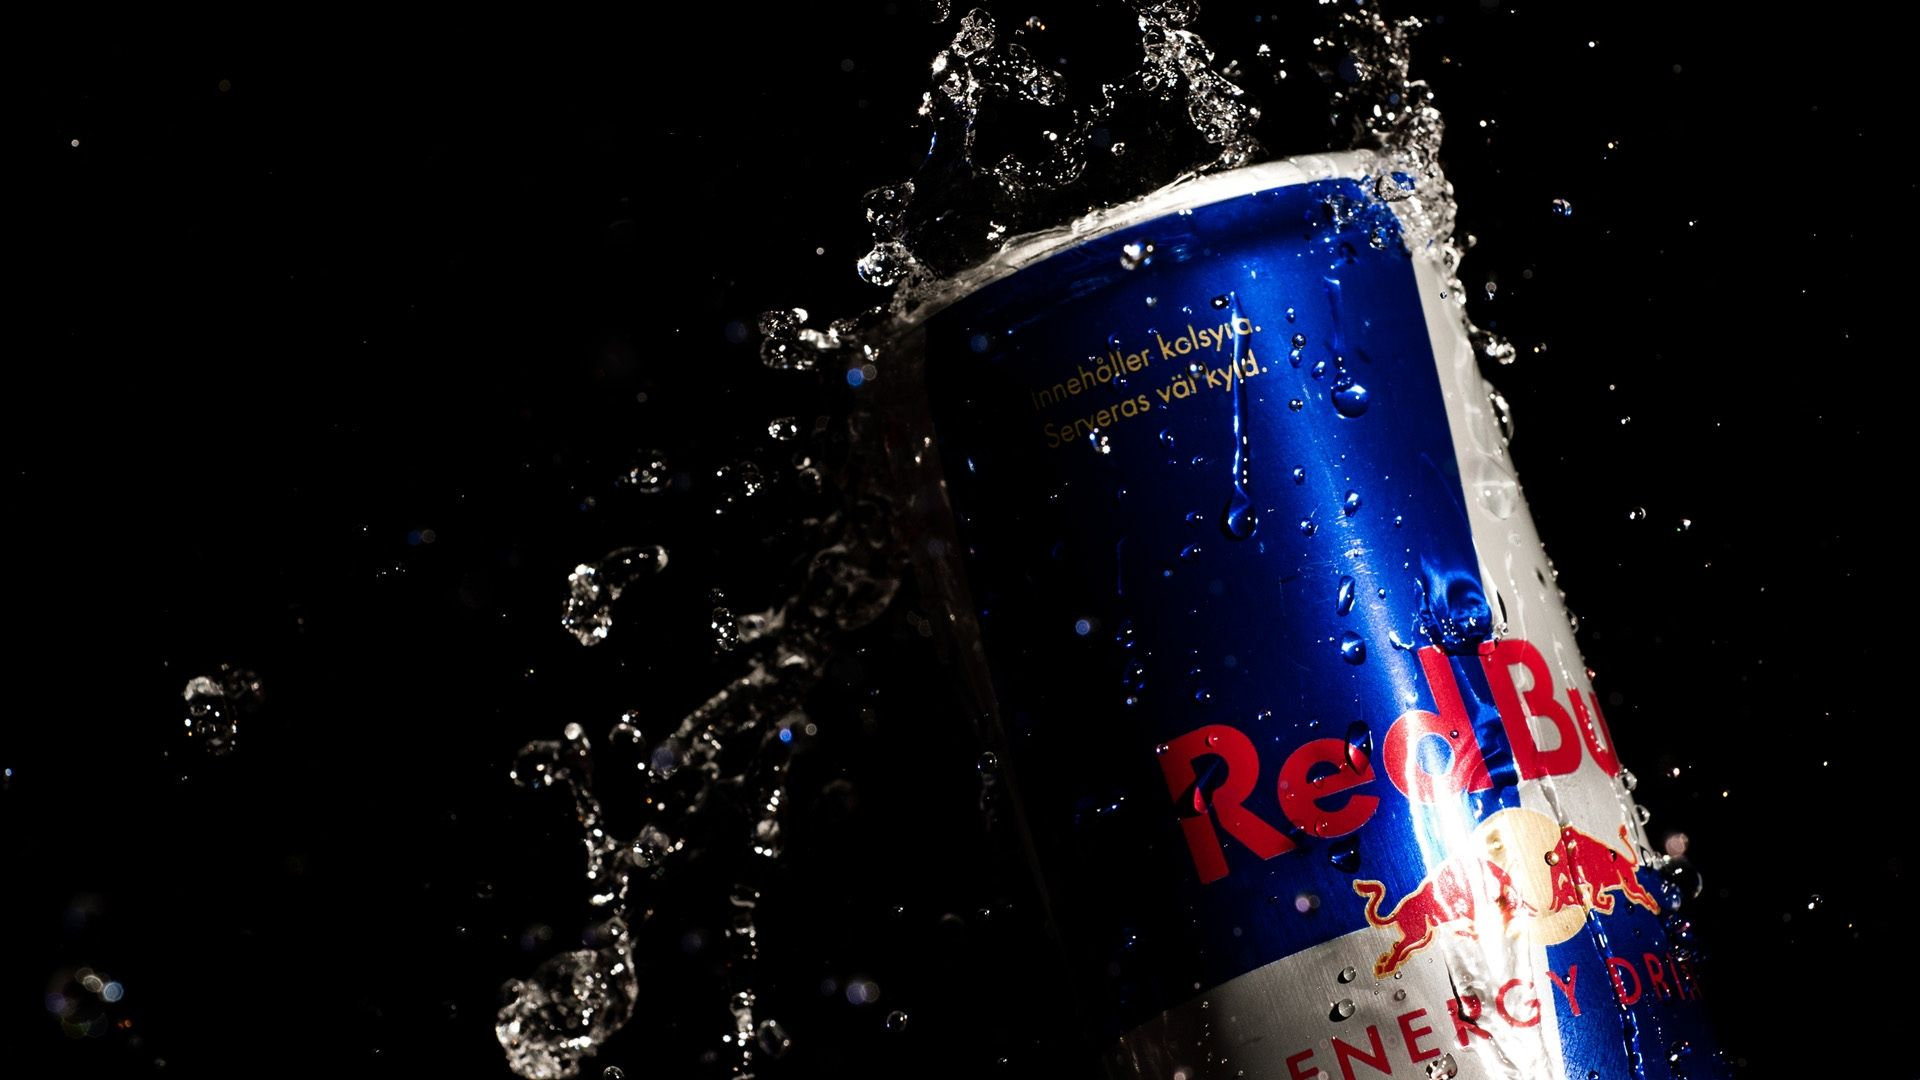 Red Bull Wallpaper More Free Pc Wallpaper For Your Desktop Backgrounds Red Bull Drinks Red Bull Energy Drinks